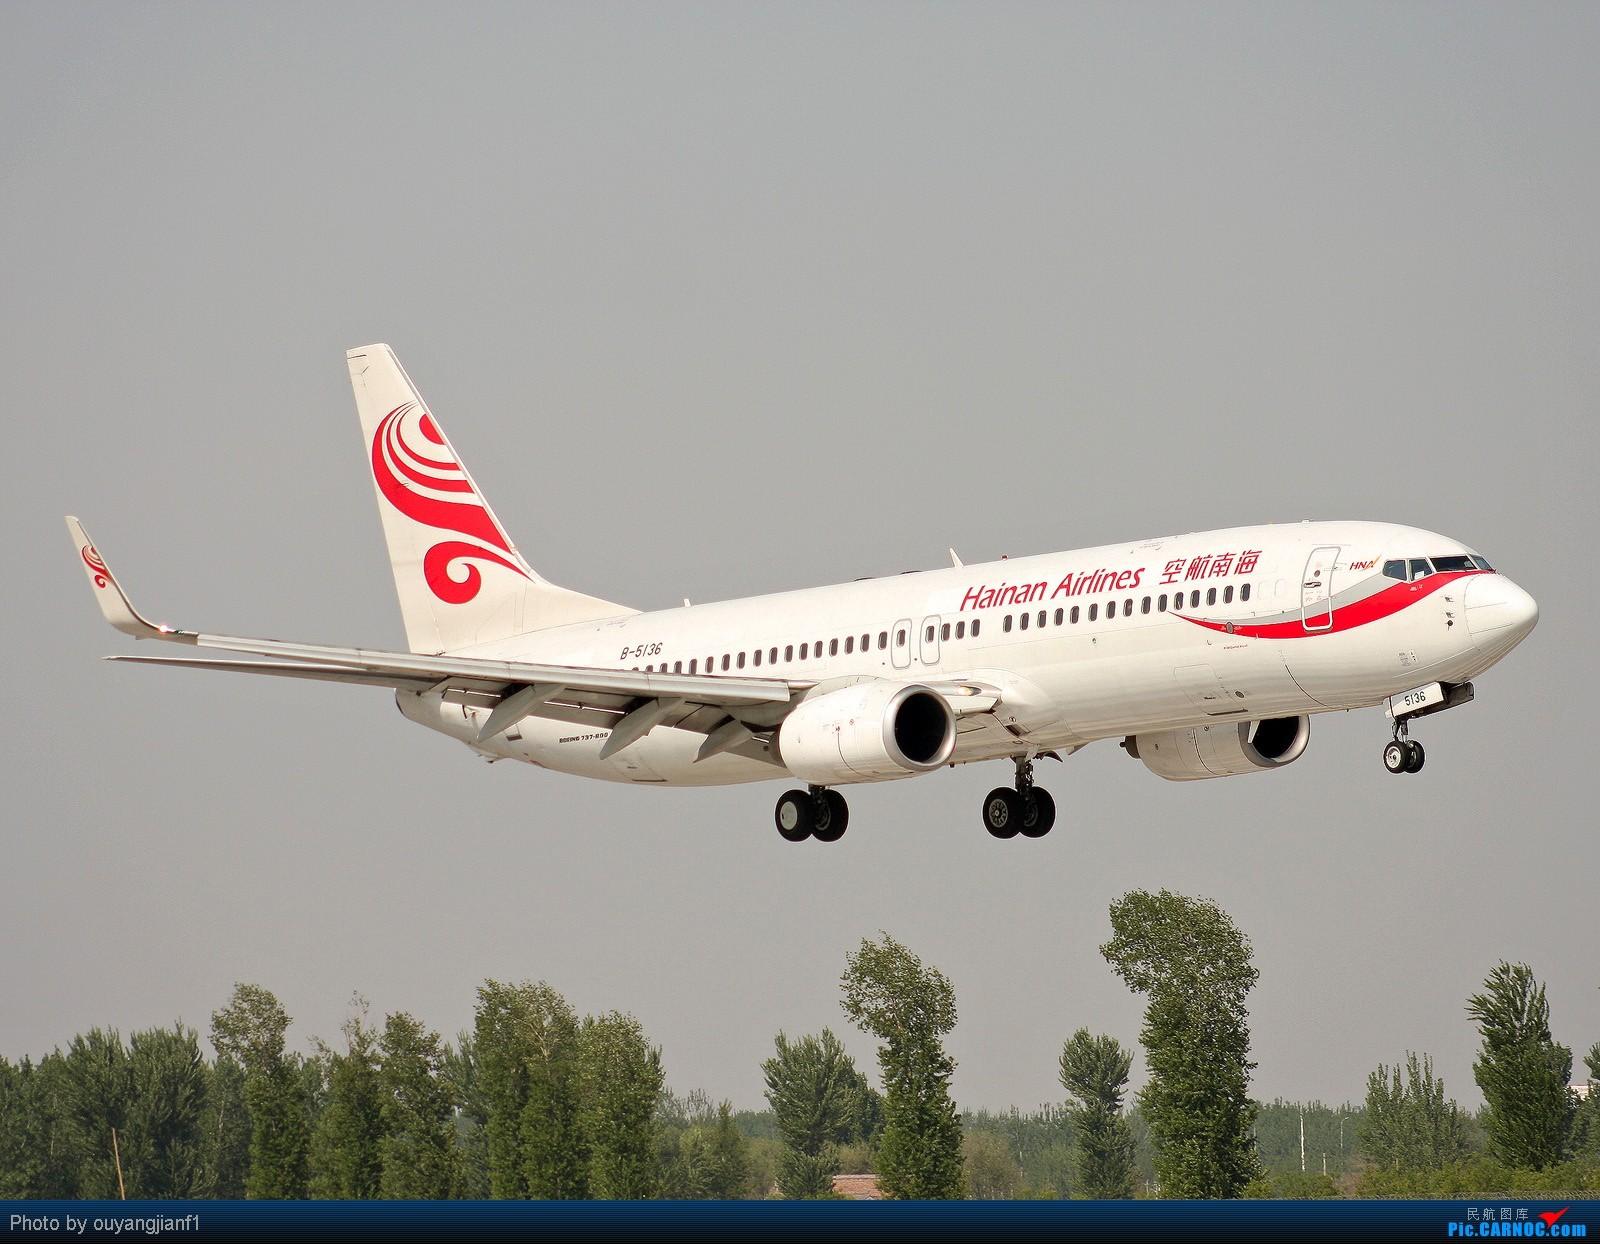 Re:[原创]快有一年没去西跑道了,拍机的感觉已逐渐淡忘,但是只要心中有梦,手中有单反,一切皆有可能! BOEING 737-800 B-5136 北京